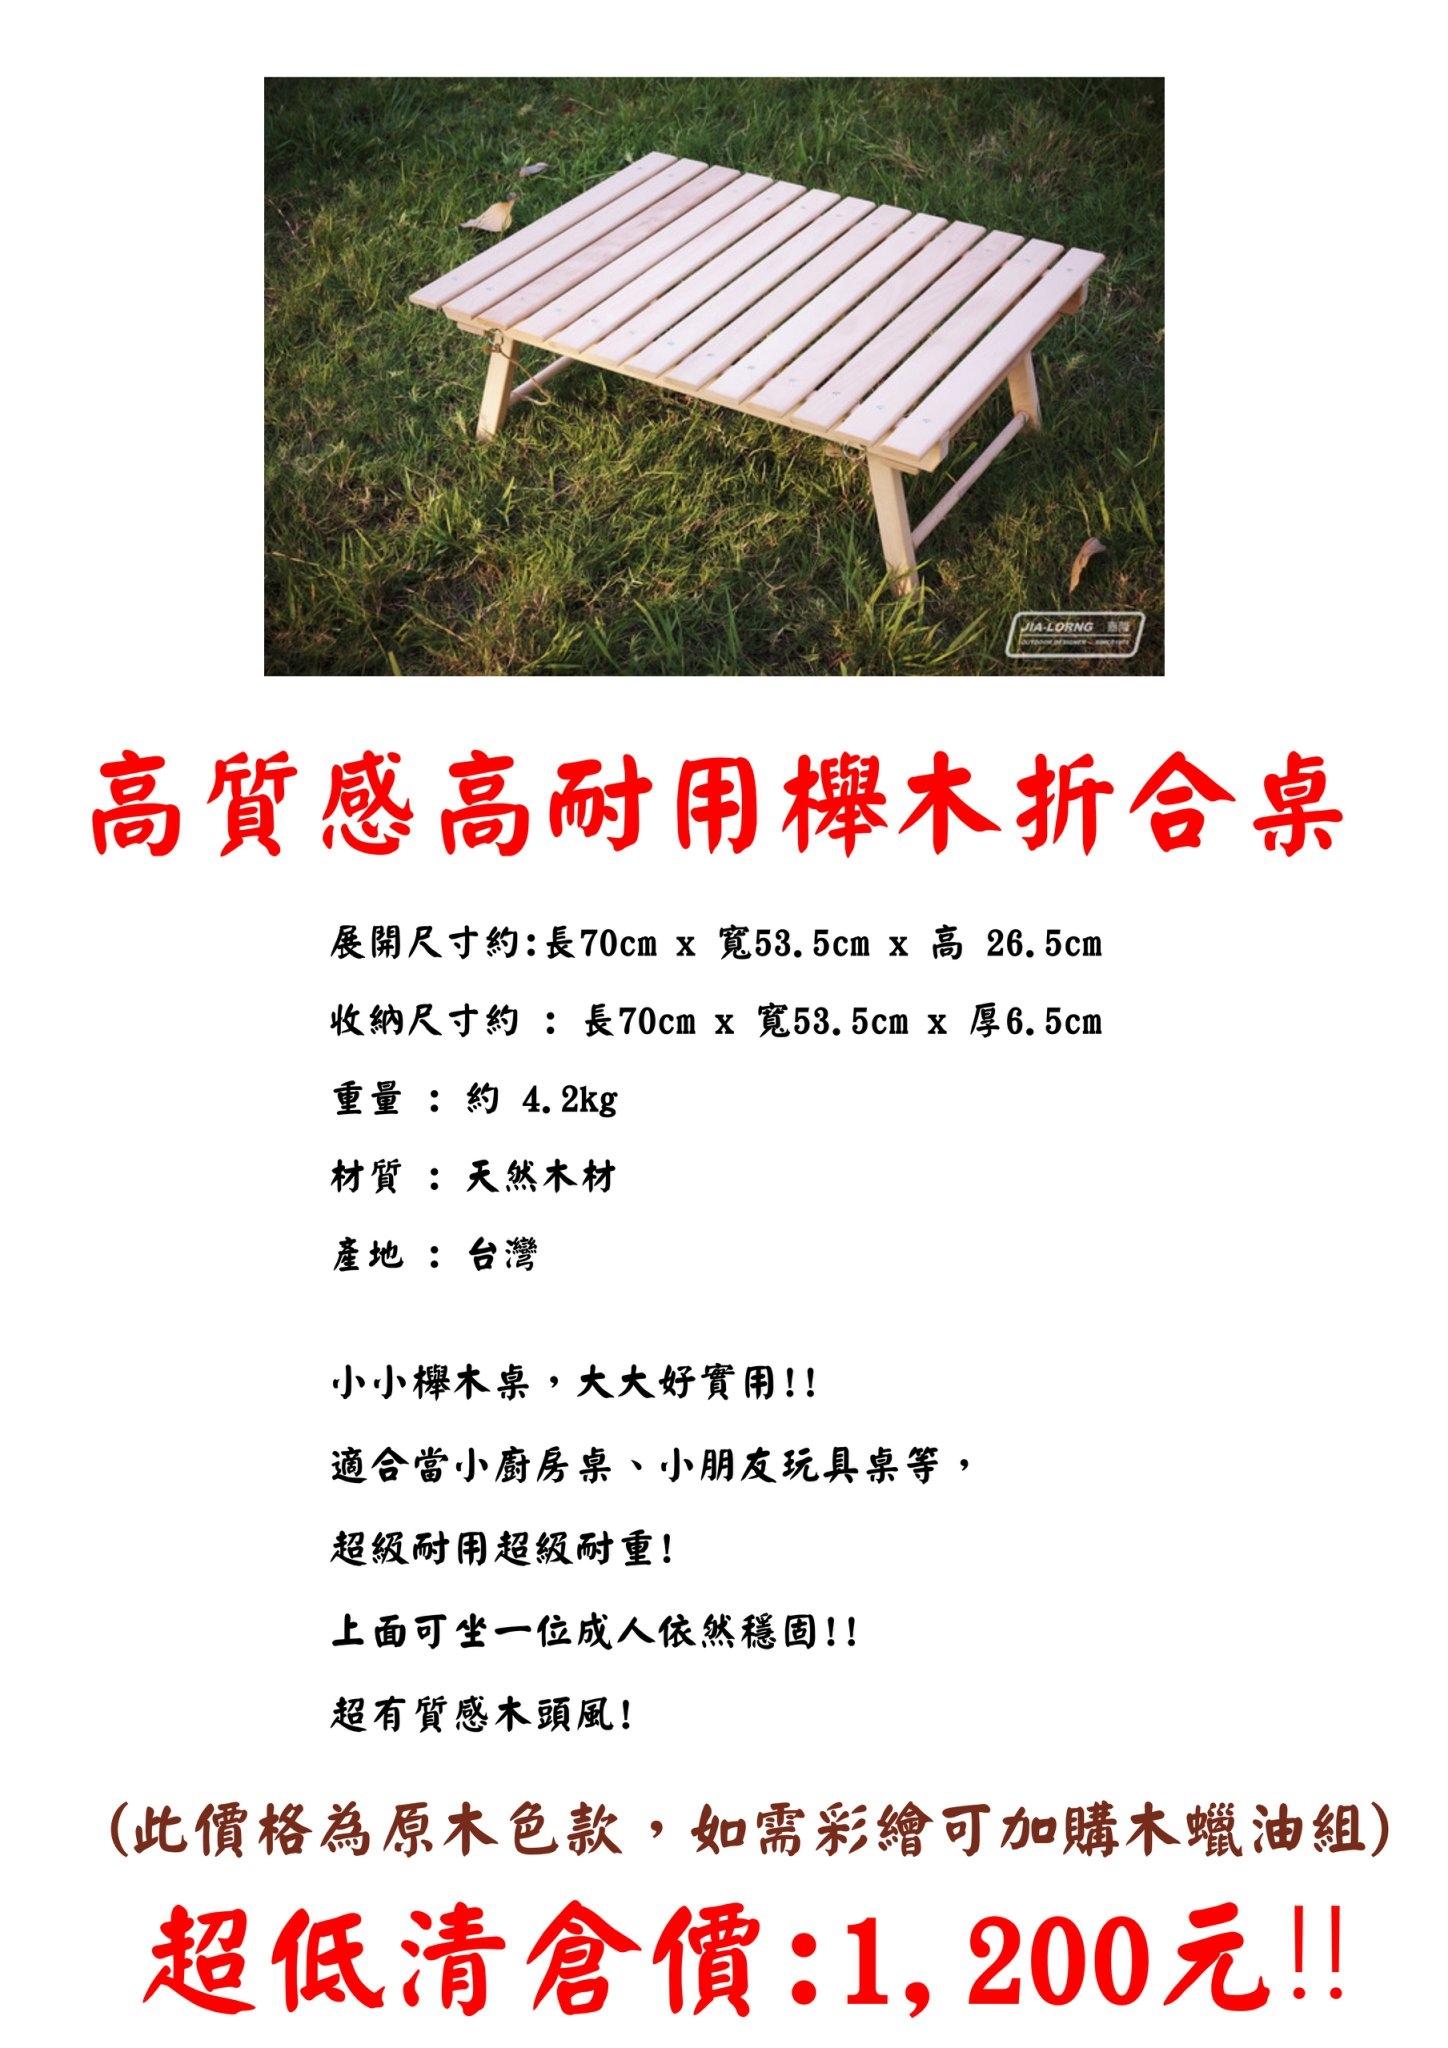 喬遷之喜 高質感櫸木折合桌